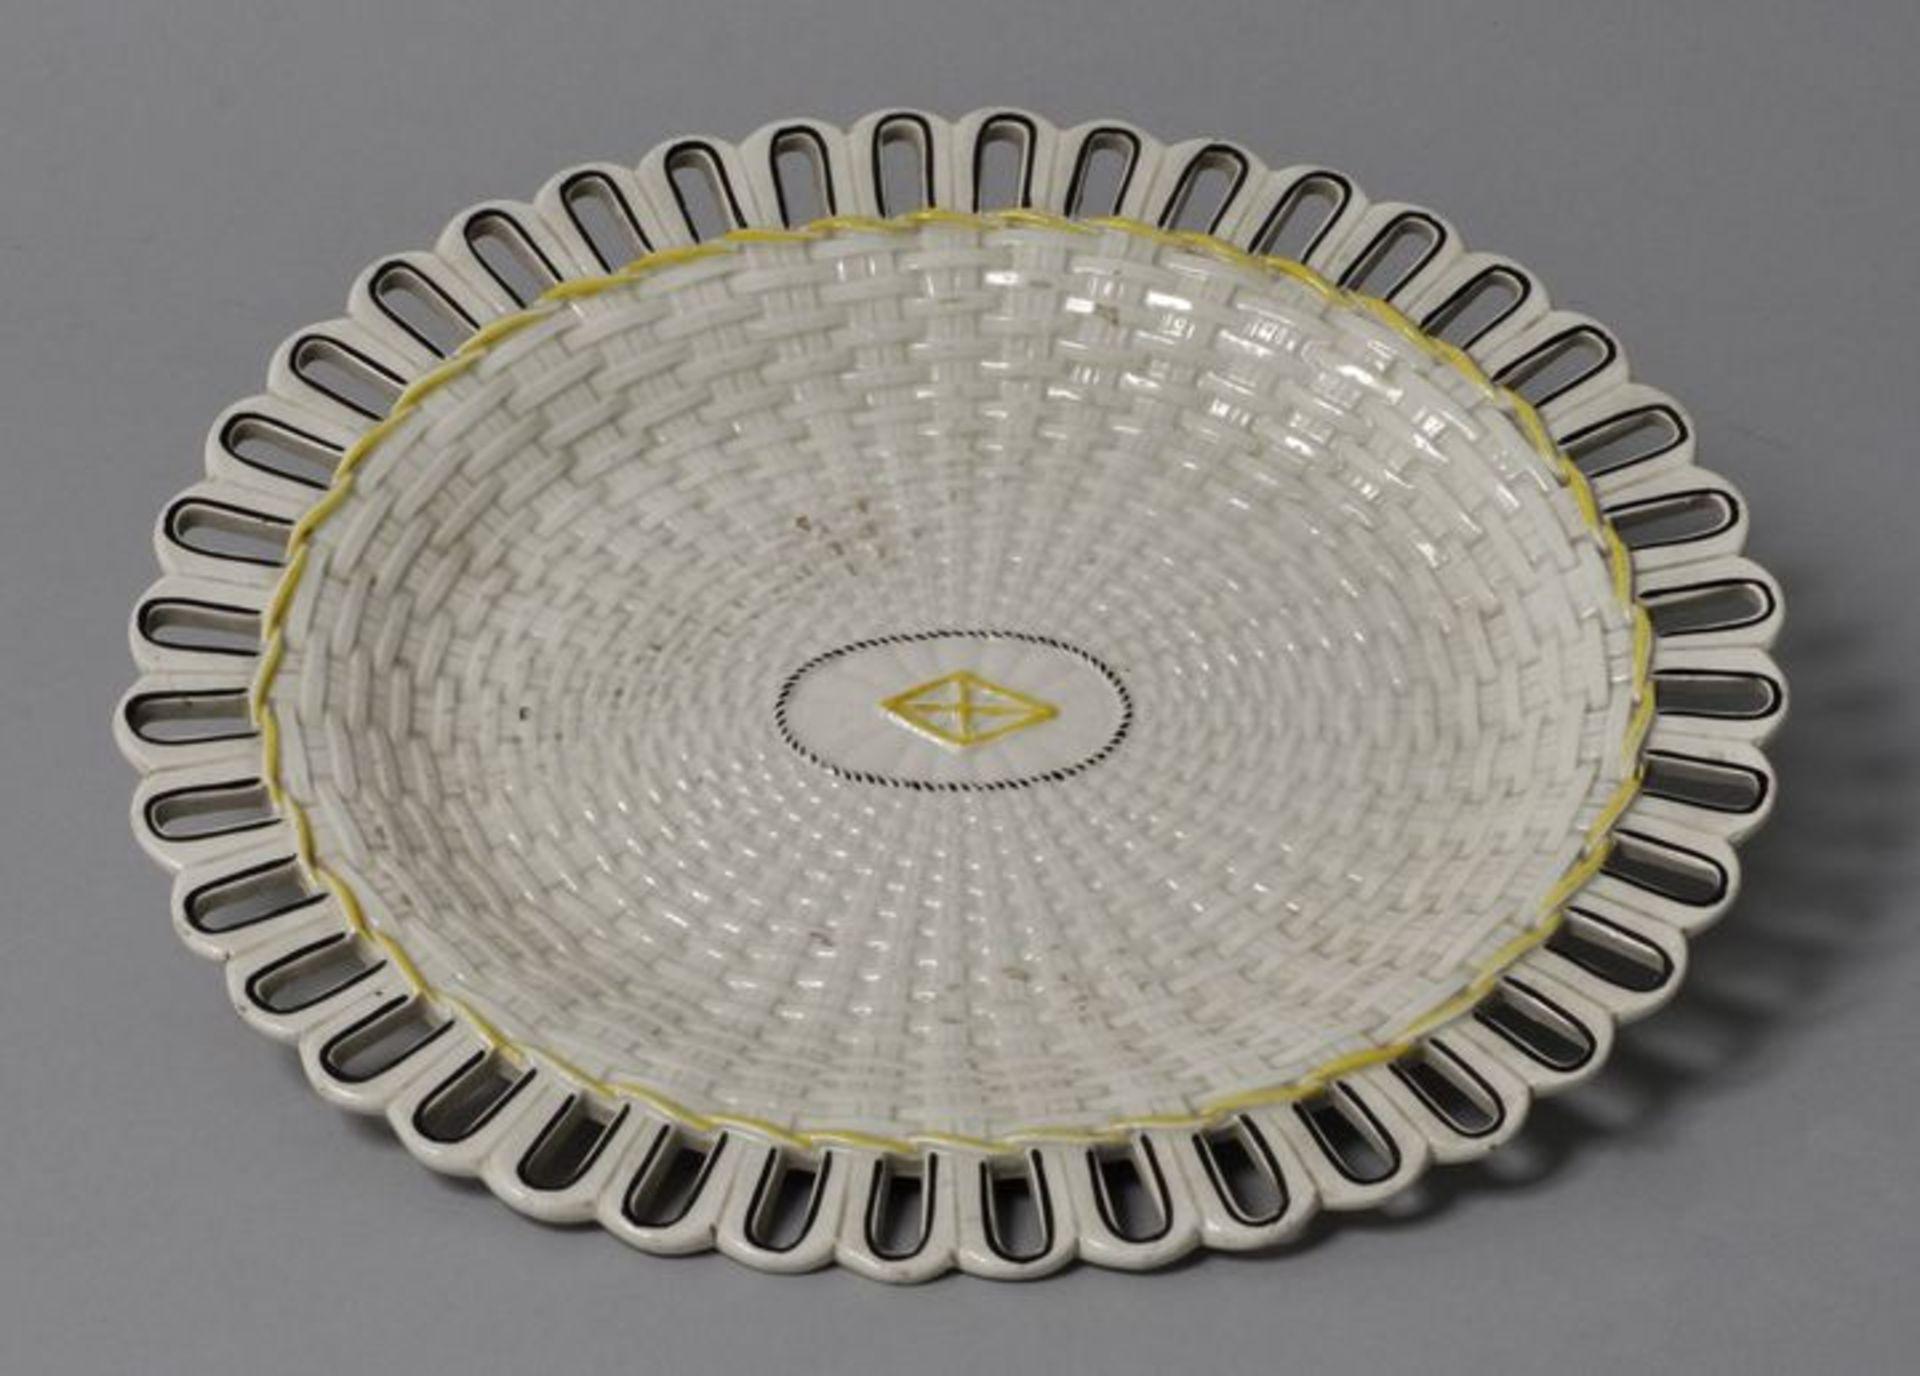 Los 6 - Ovale Platte, wohl Wedgwood, Anf. 19. Jh.Steingut, Flechtwerkdekor. Staffiert in Schwarz und...